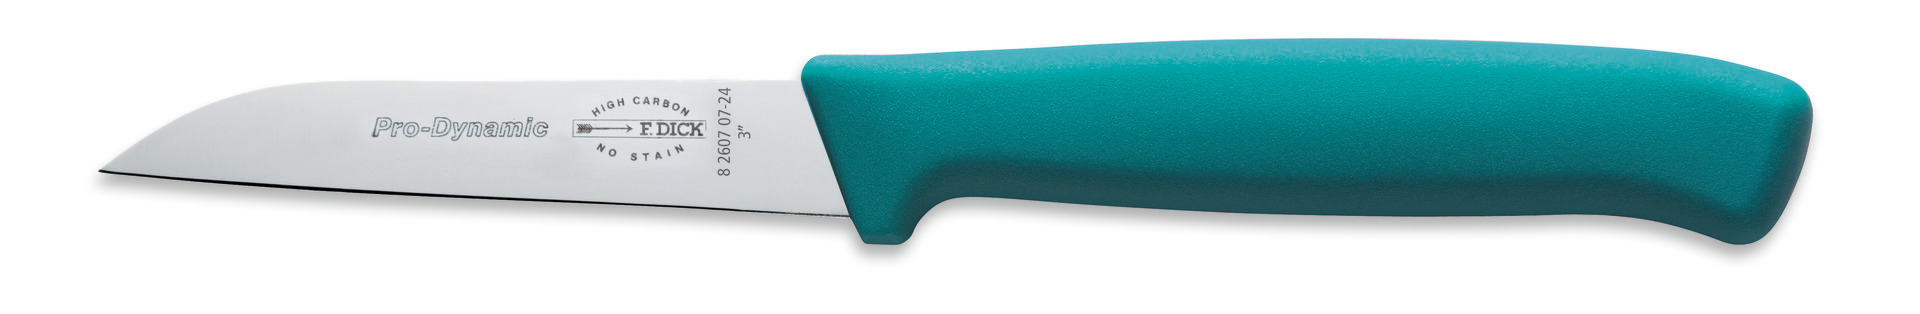 Küchenmesser Klingenlänge 70 mm türkiser Griff